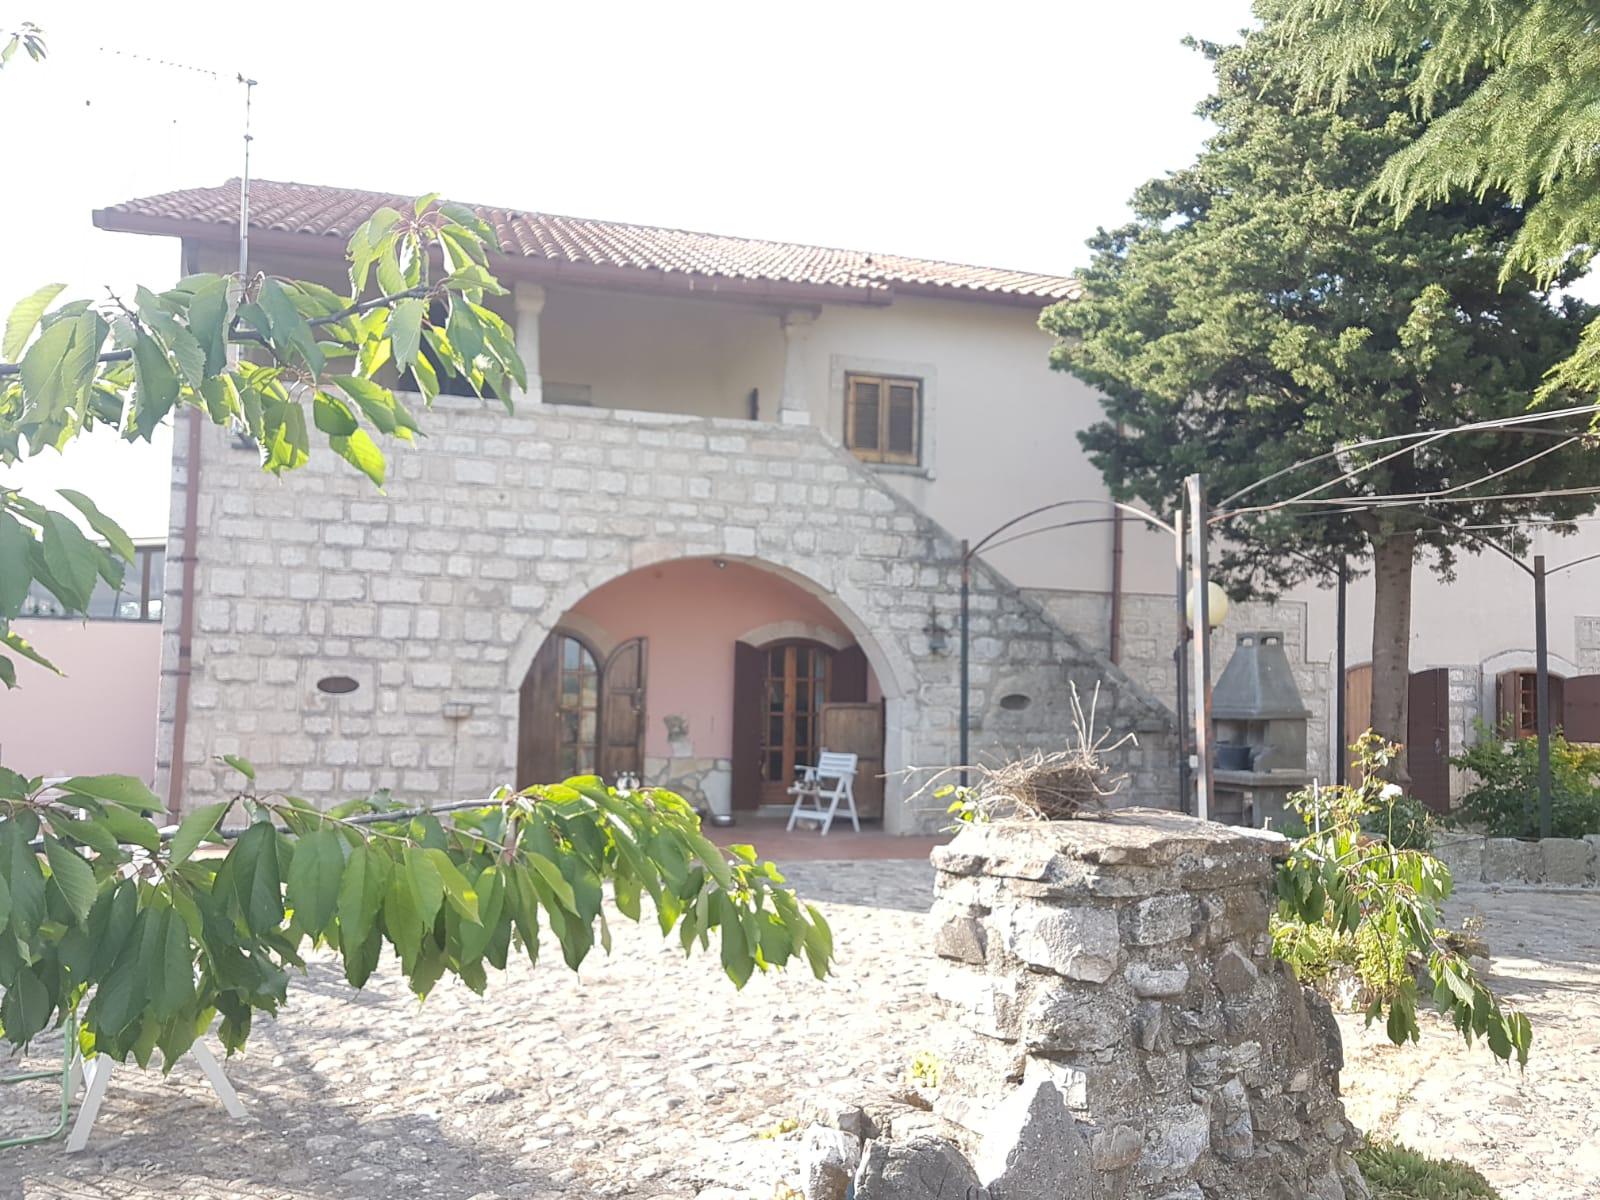 Rustico / Casale in vendita a Pontelandolfo, 8 locali, prezzo € 125.000   CambioCasa.it